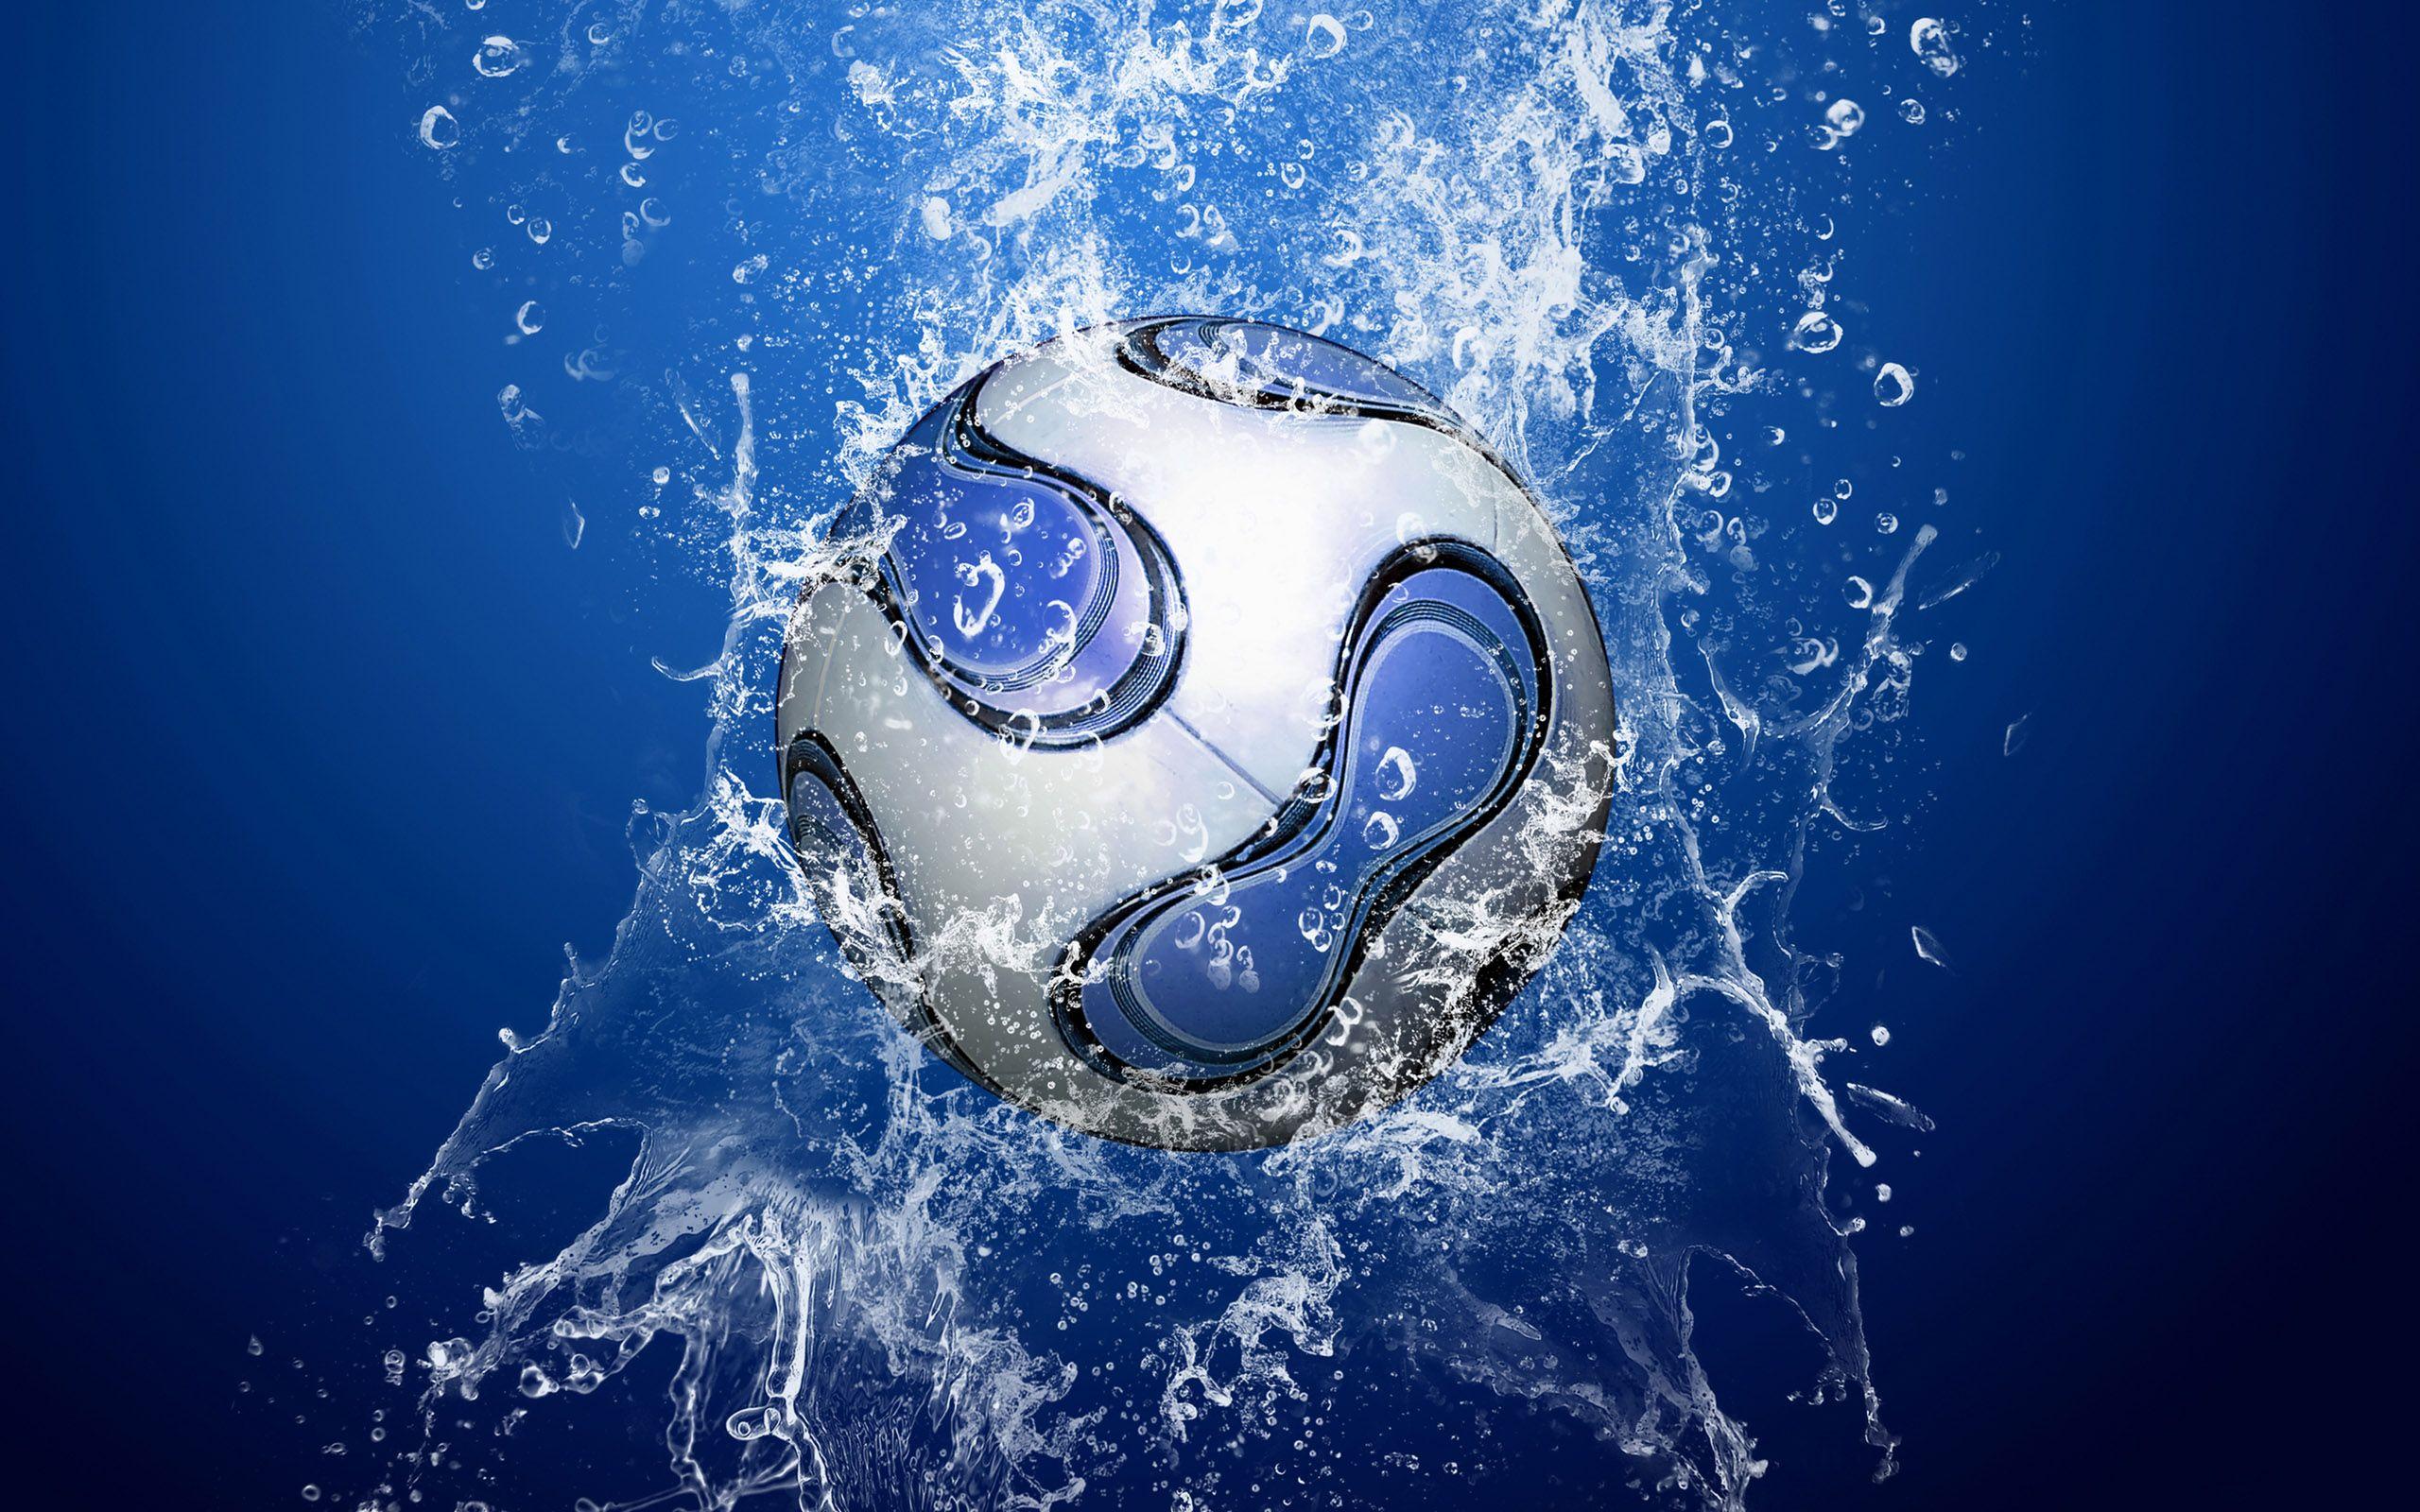 Worksheet. Pelota de futbol en el agua HD Wallpaper  Arte y decoracion